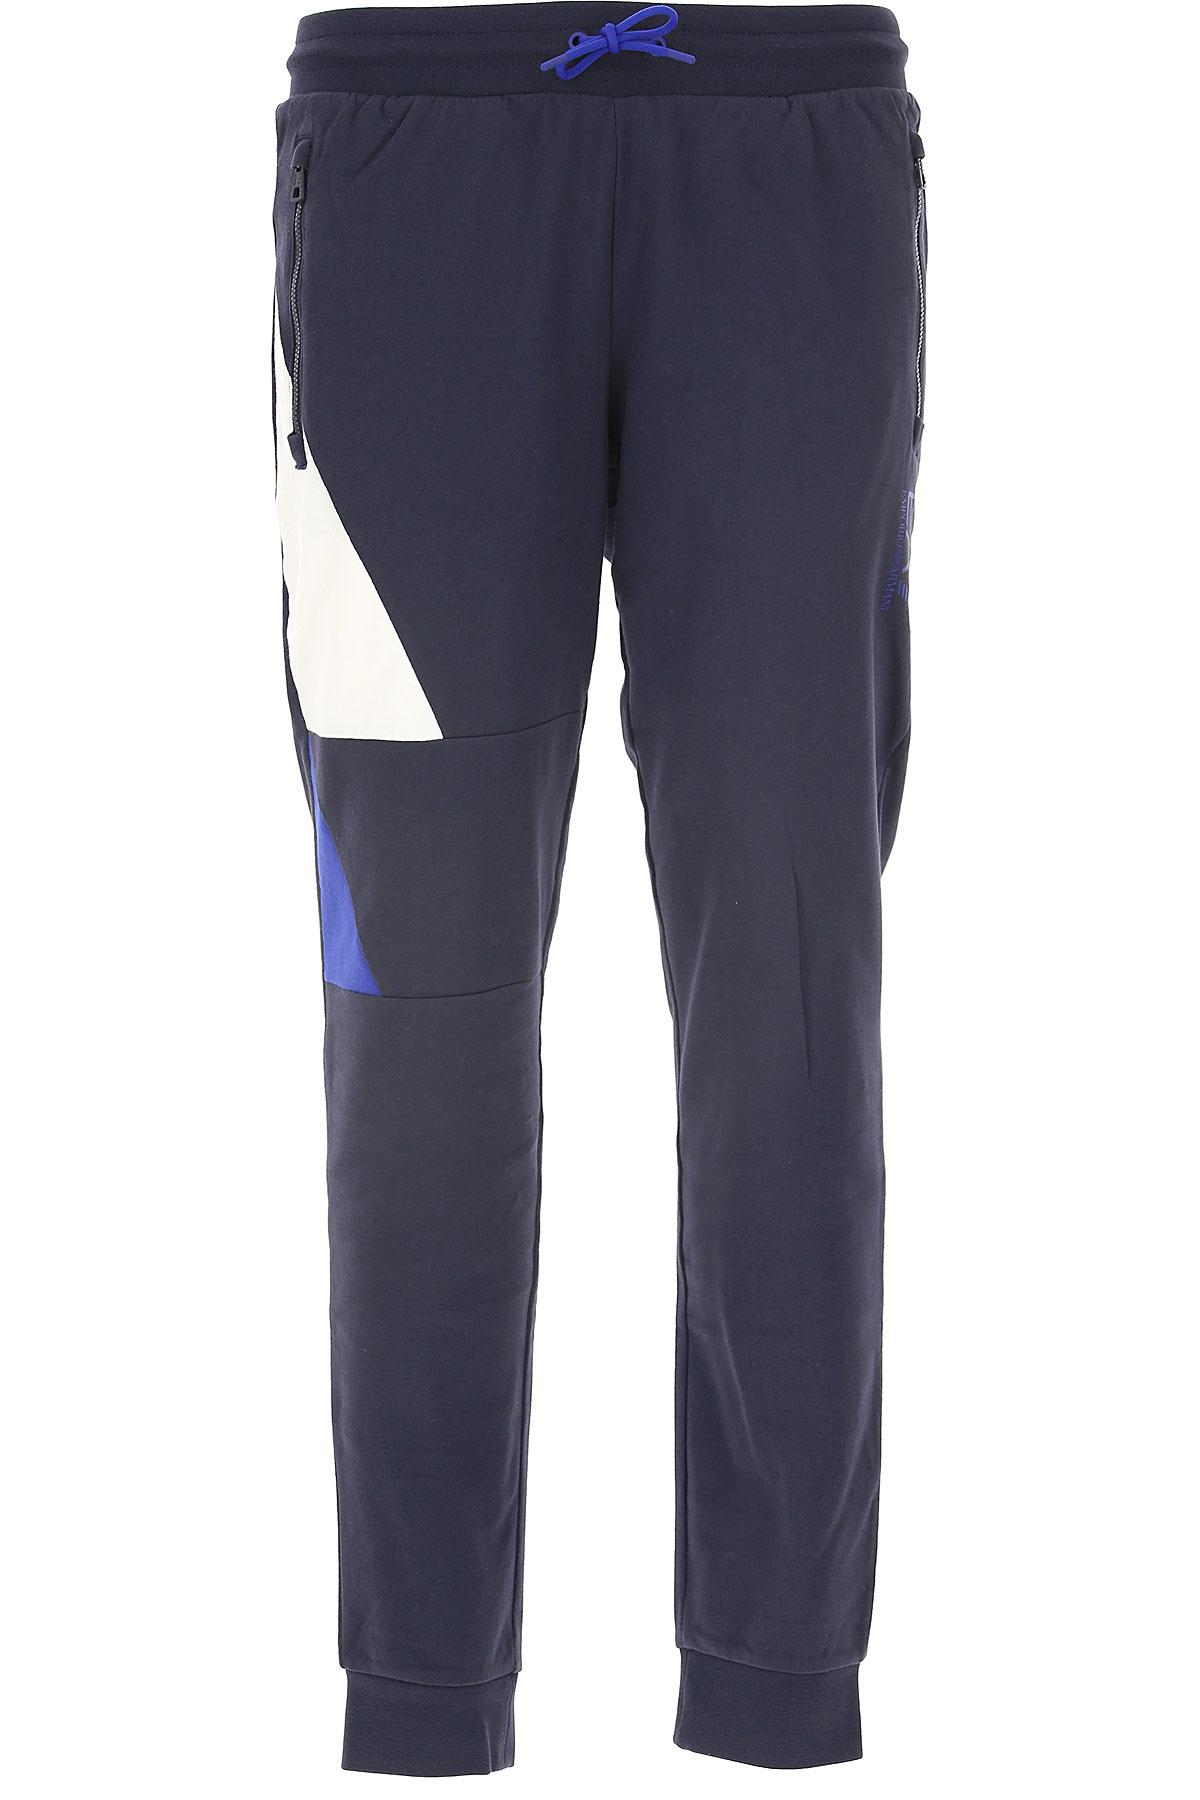 Emporio Armani Pantalon Homme Pas Cher En Soldes, Bleu Marine, Coton, 2019, L M XL